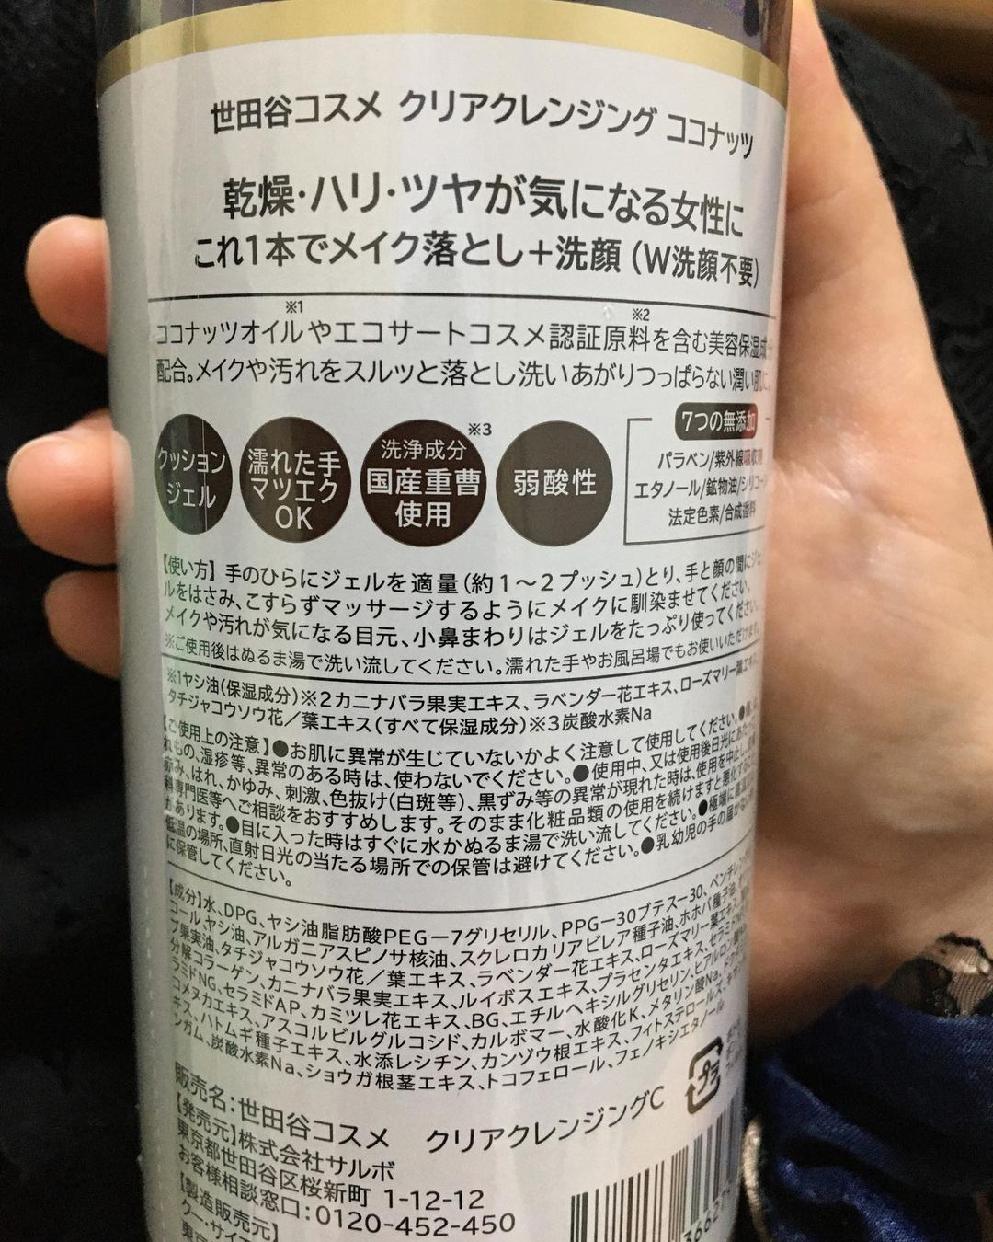 世田谷コスメ(Setagaya COSME) クリアクレンジング ココナッツの良い点・メリットに関するayumiyさんの口コミ画像1